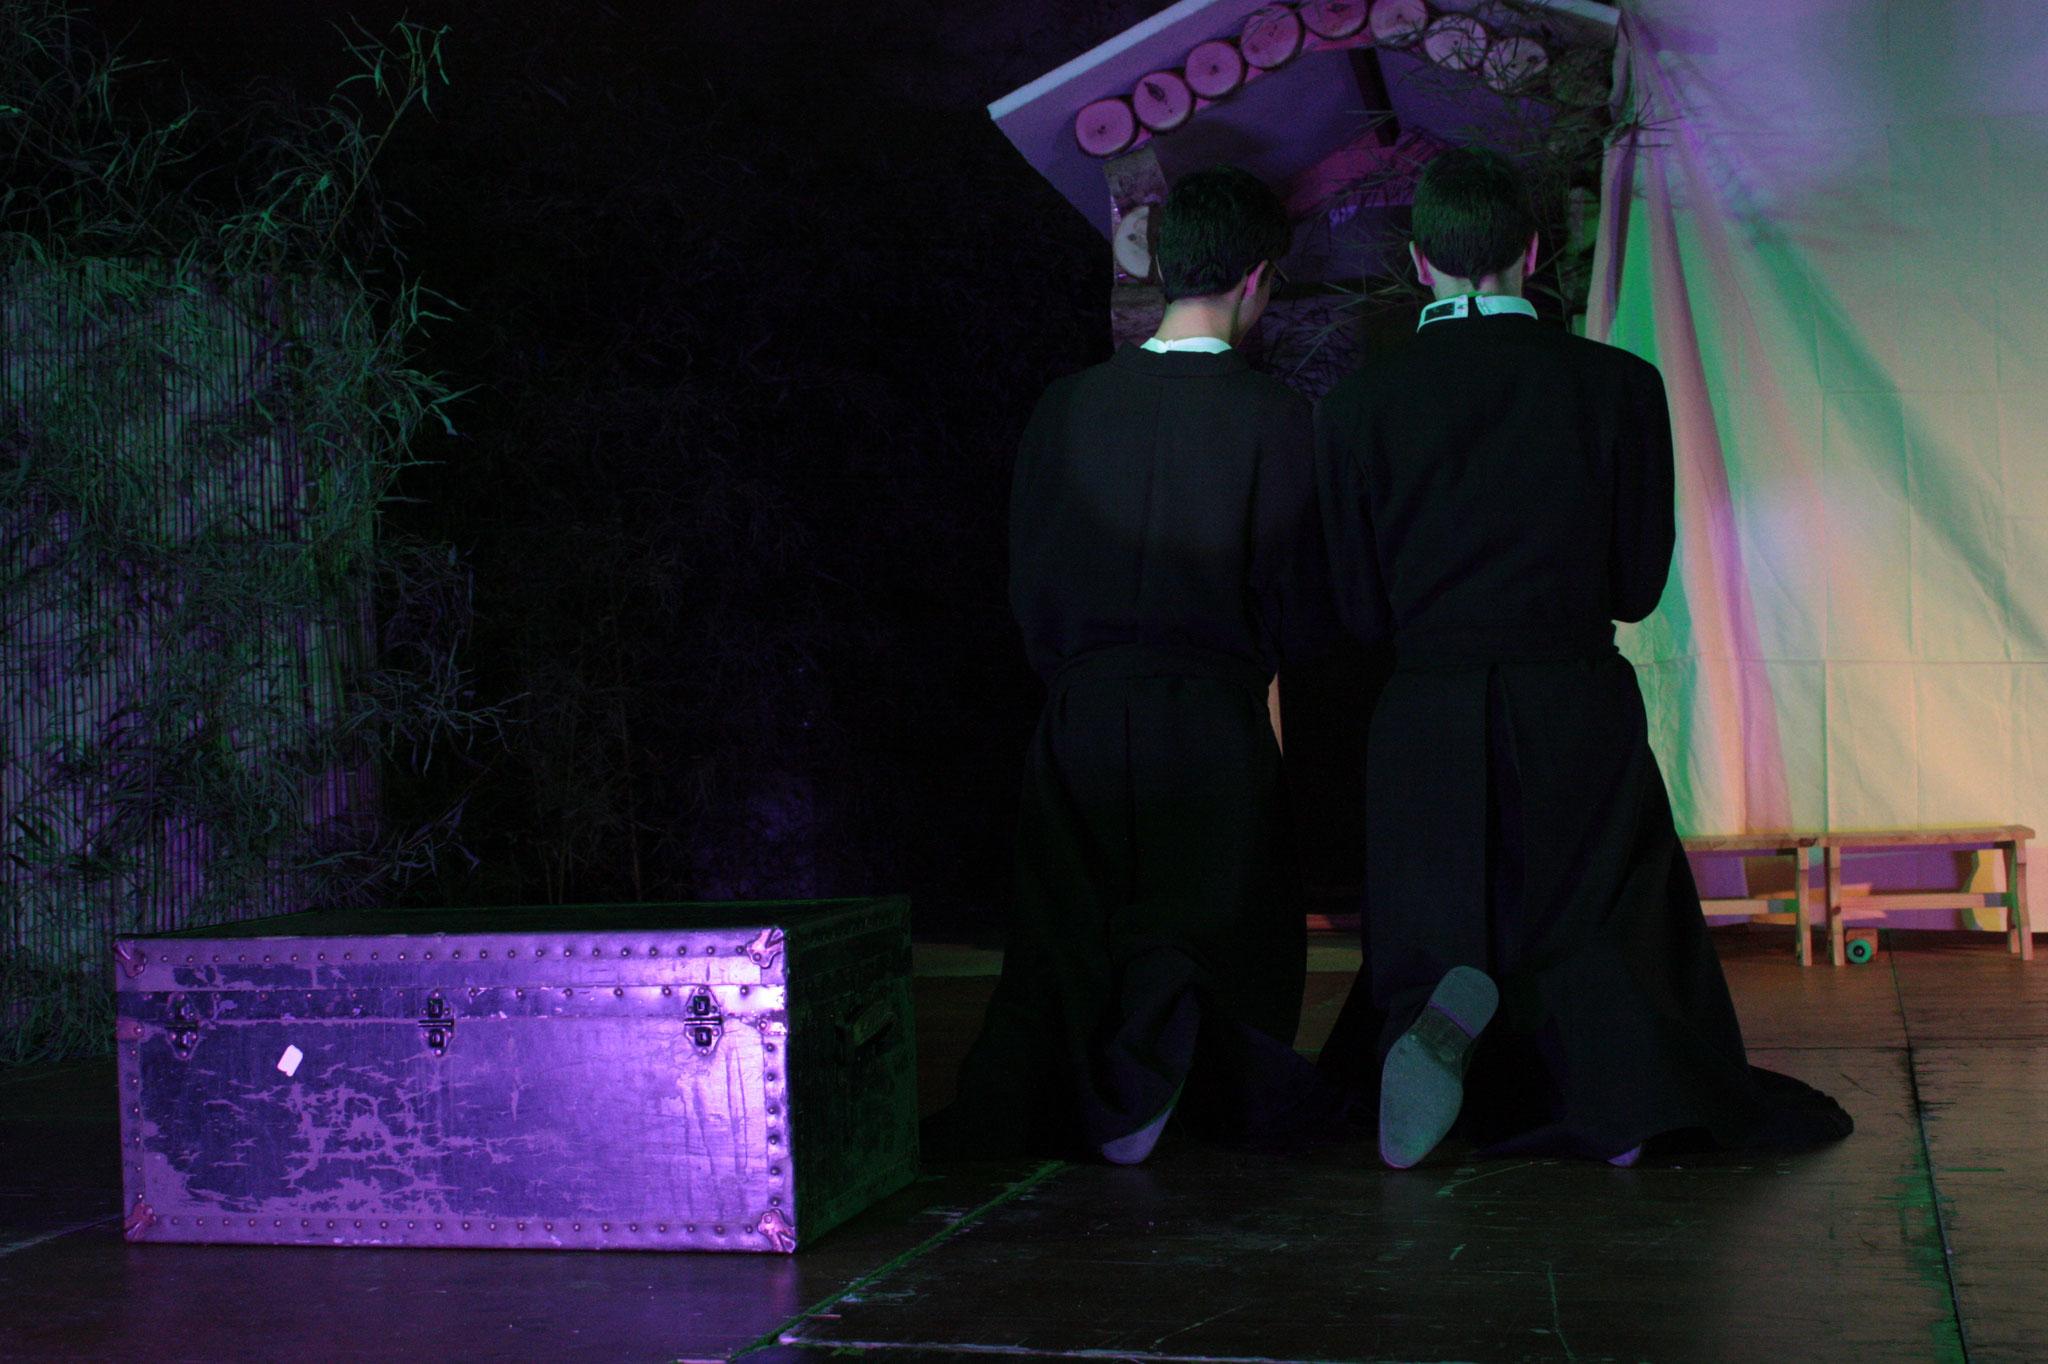 Pierre Chanel et son collègue en prière  - (c) JDR